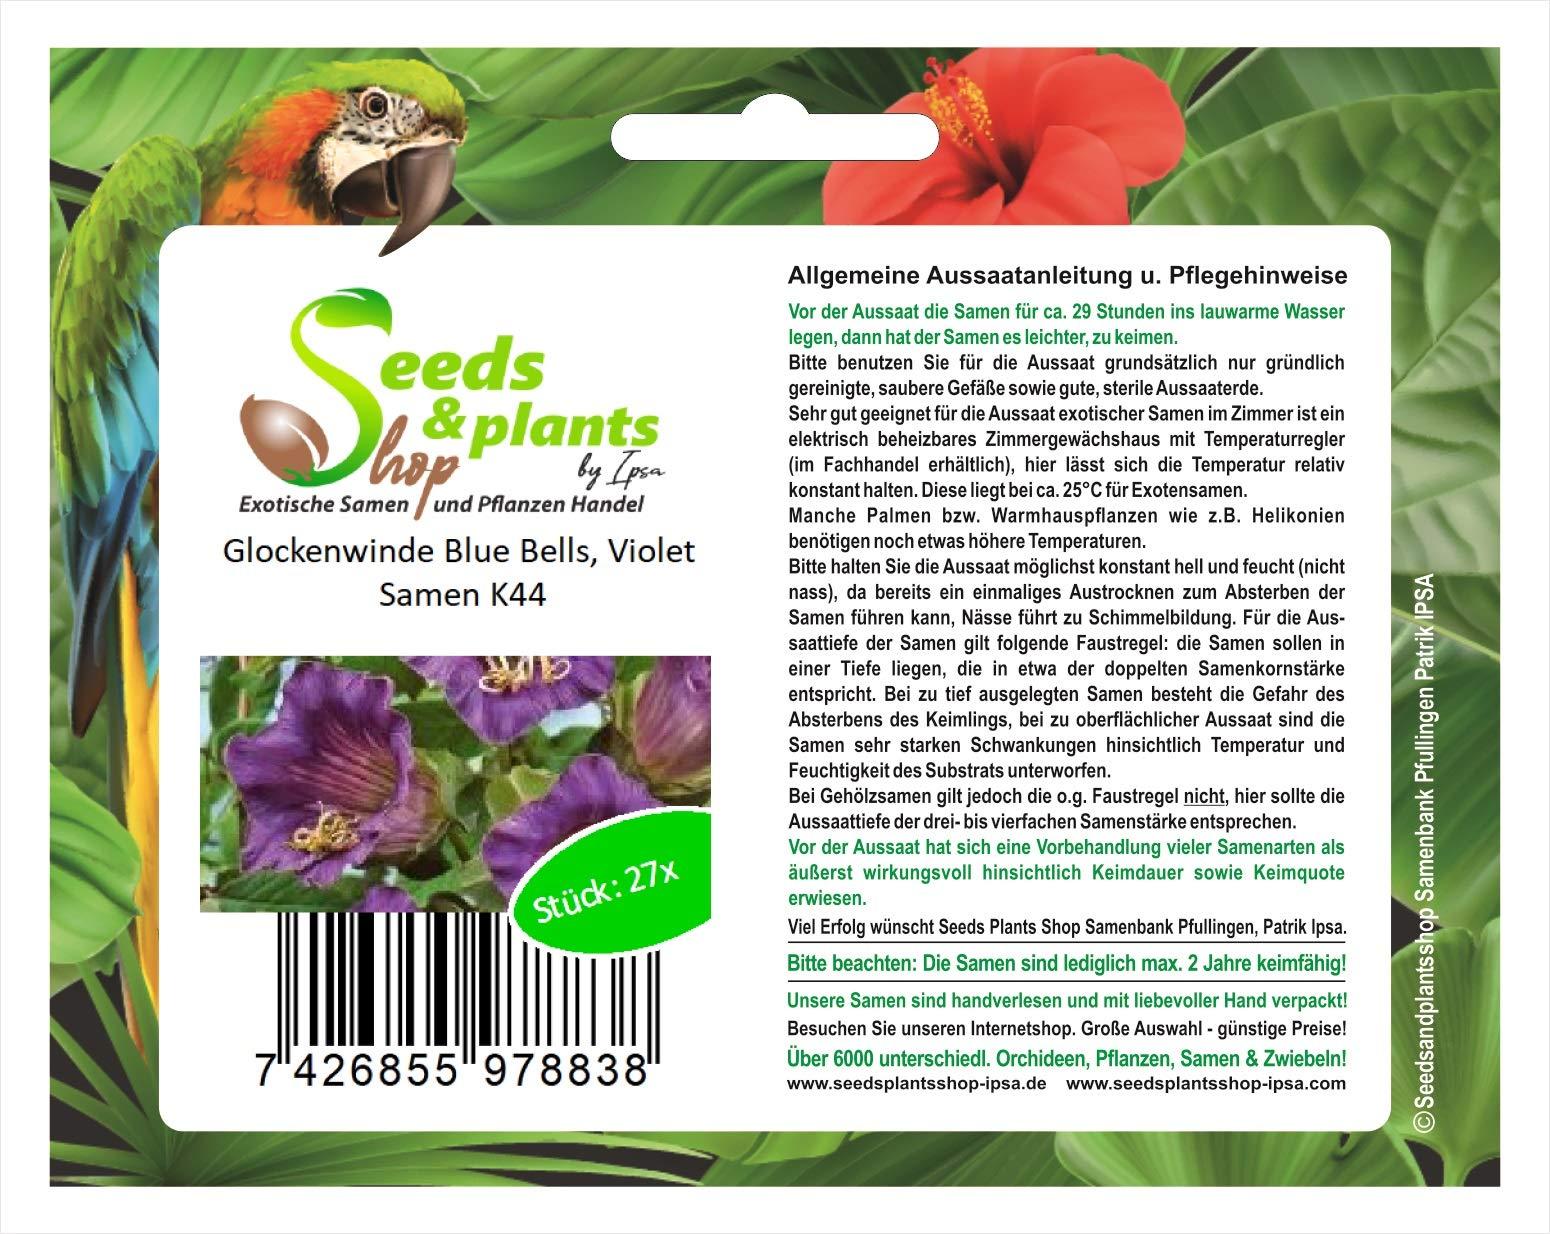 27 Bell vientos Blue bells semillas violeta jardín plantas flores semillas nuevas K44: Amazon.es: Jardín